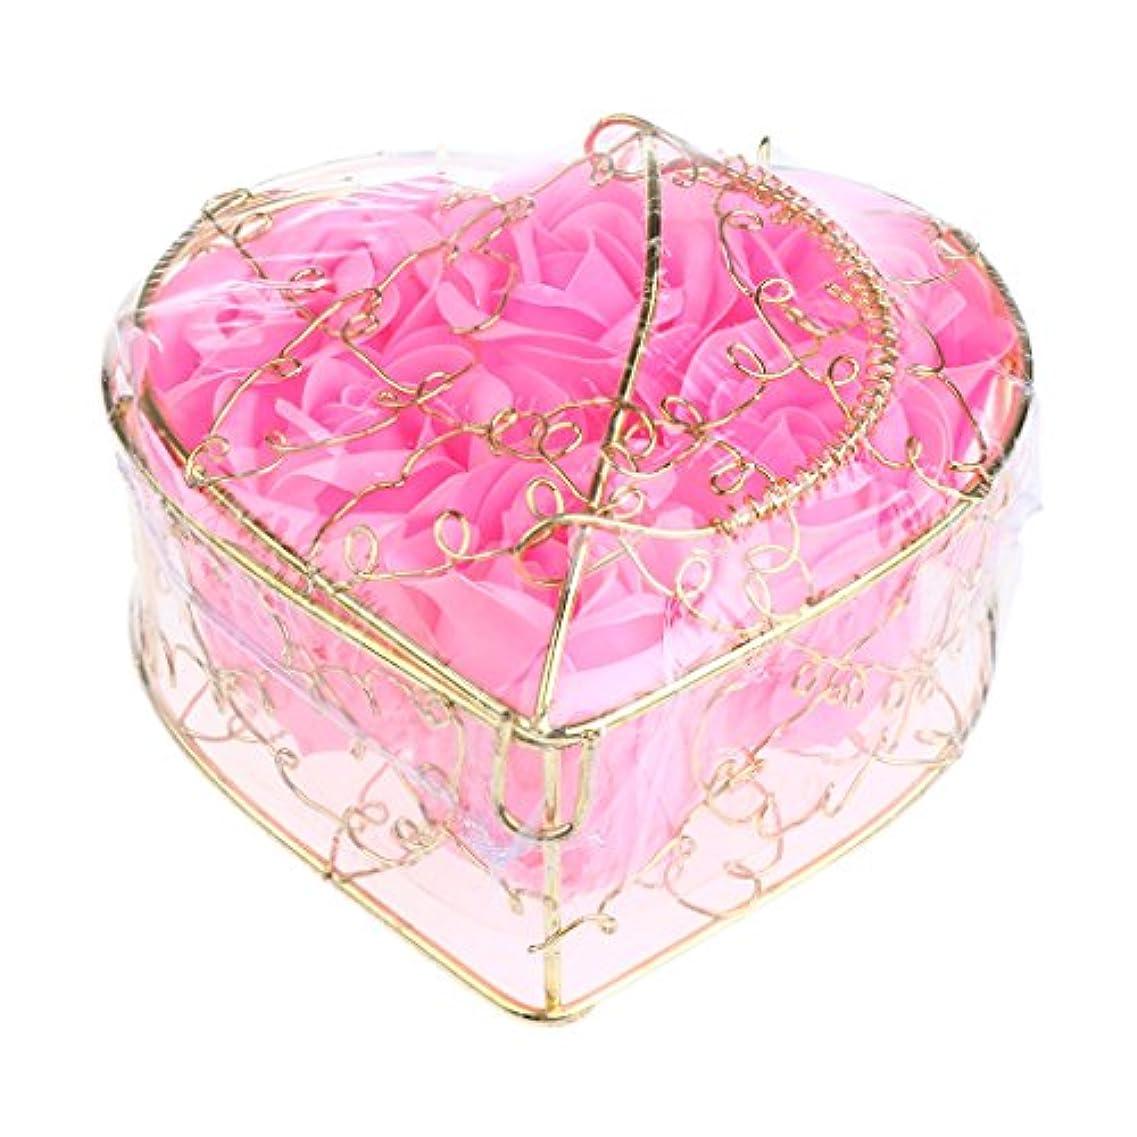 フラスコ小屋印象派Kesoto 6個 石鹸の花 バラ 石鹸の花びら 母の日 ギフトボックス ロマンチック 全5タイプ選べる - ピンク